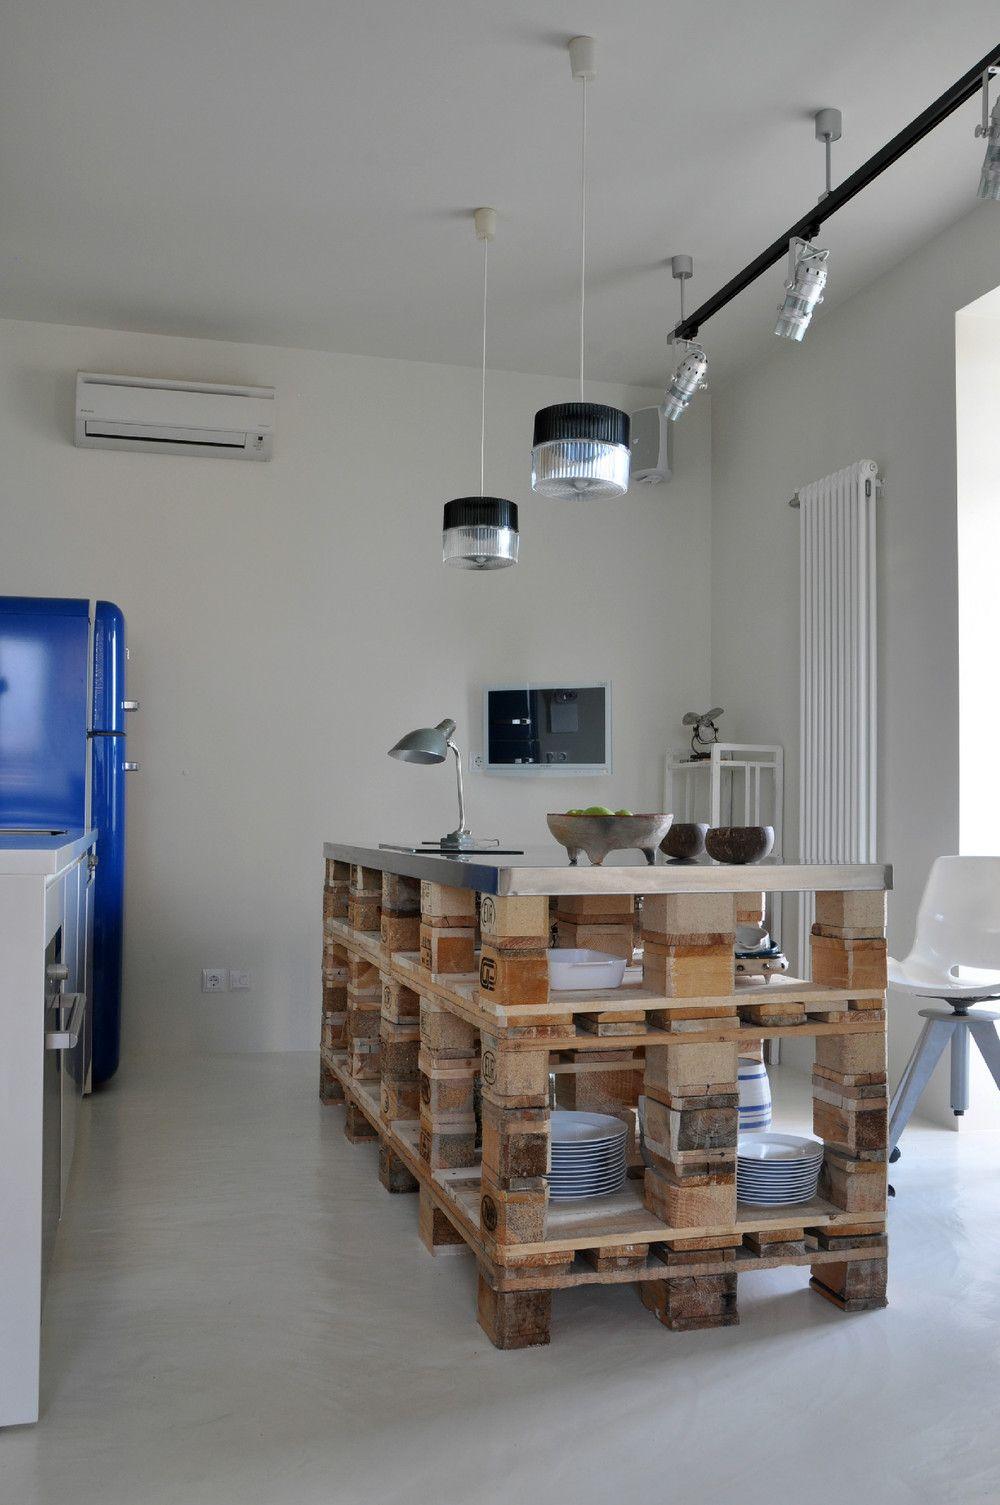 Groß Kücheninsel Diy Ideen Bilder - Ideen Für Die Küche Dekoration ...